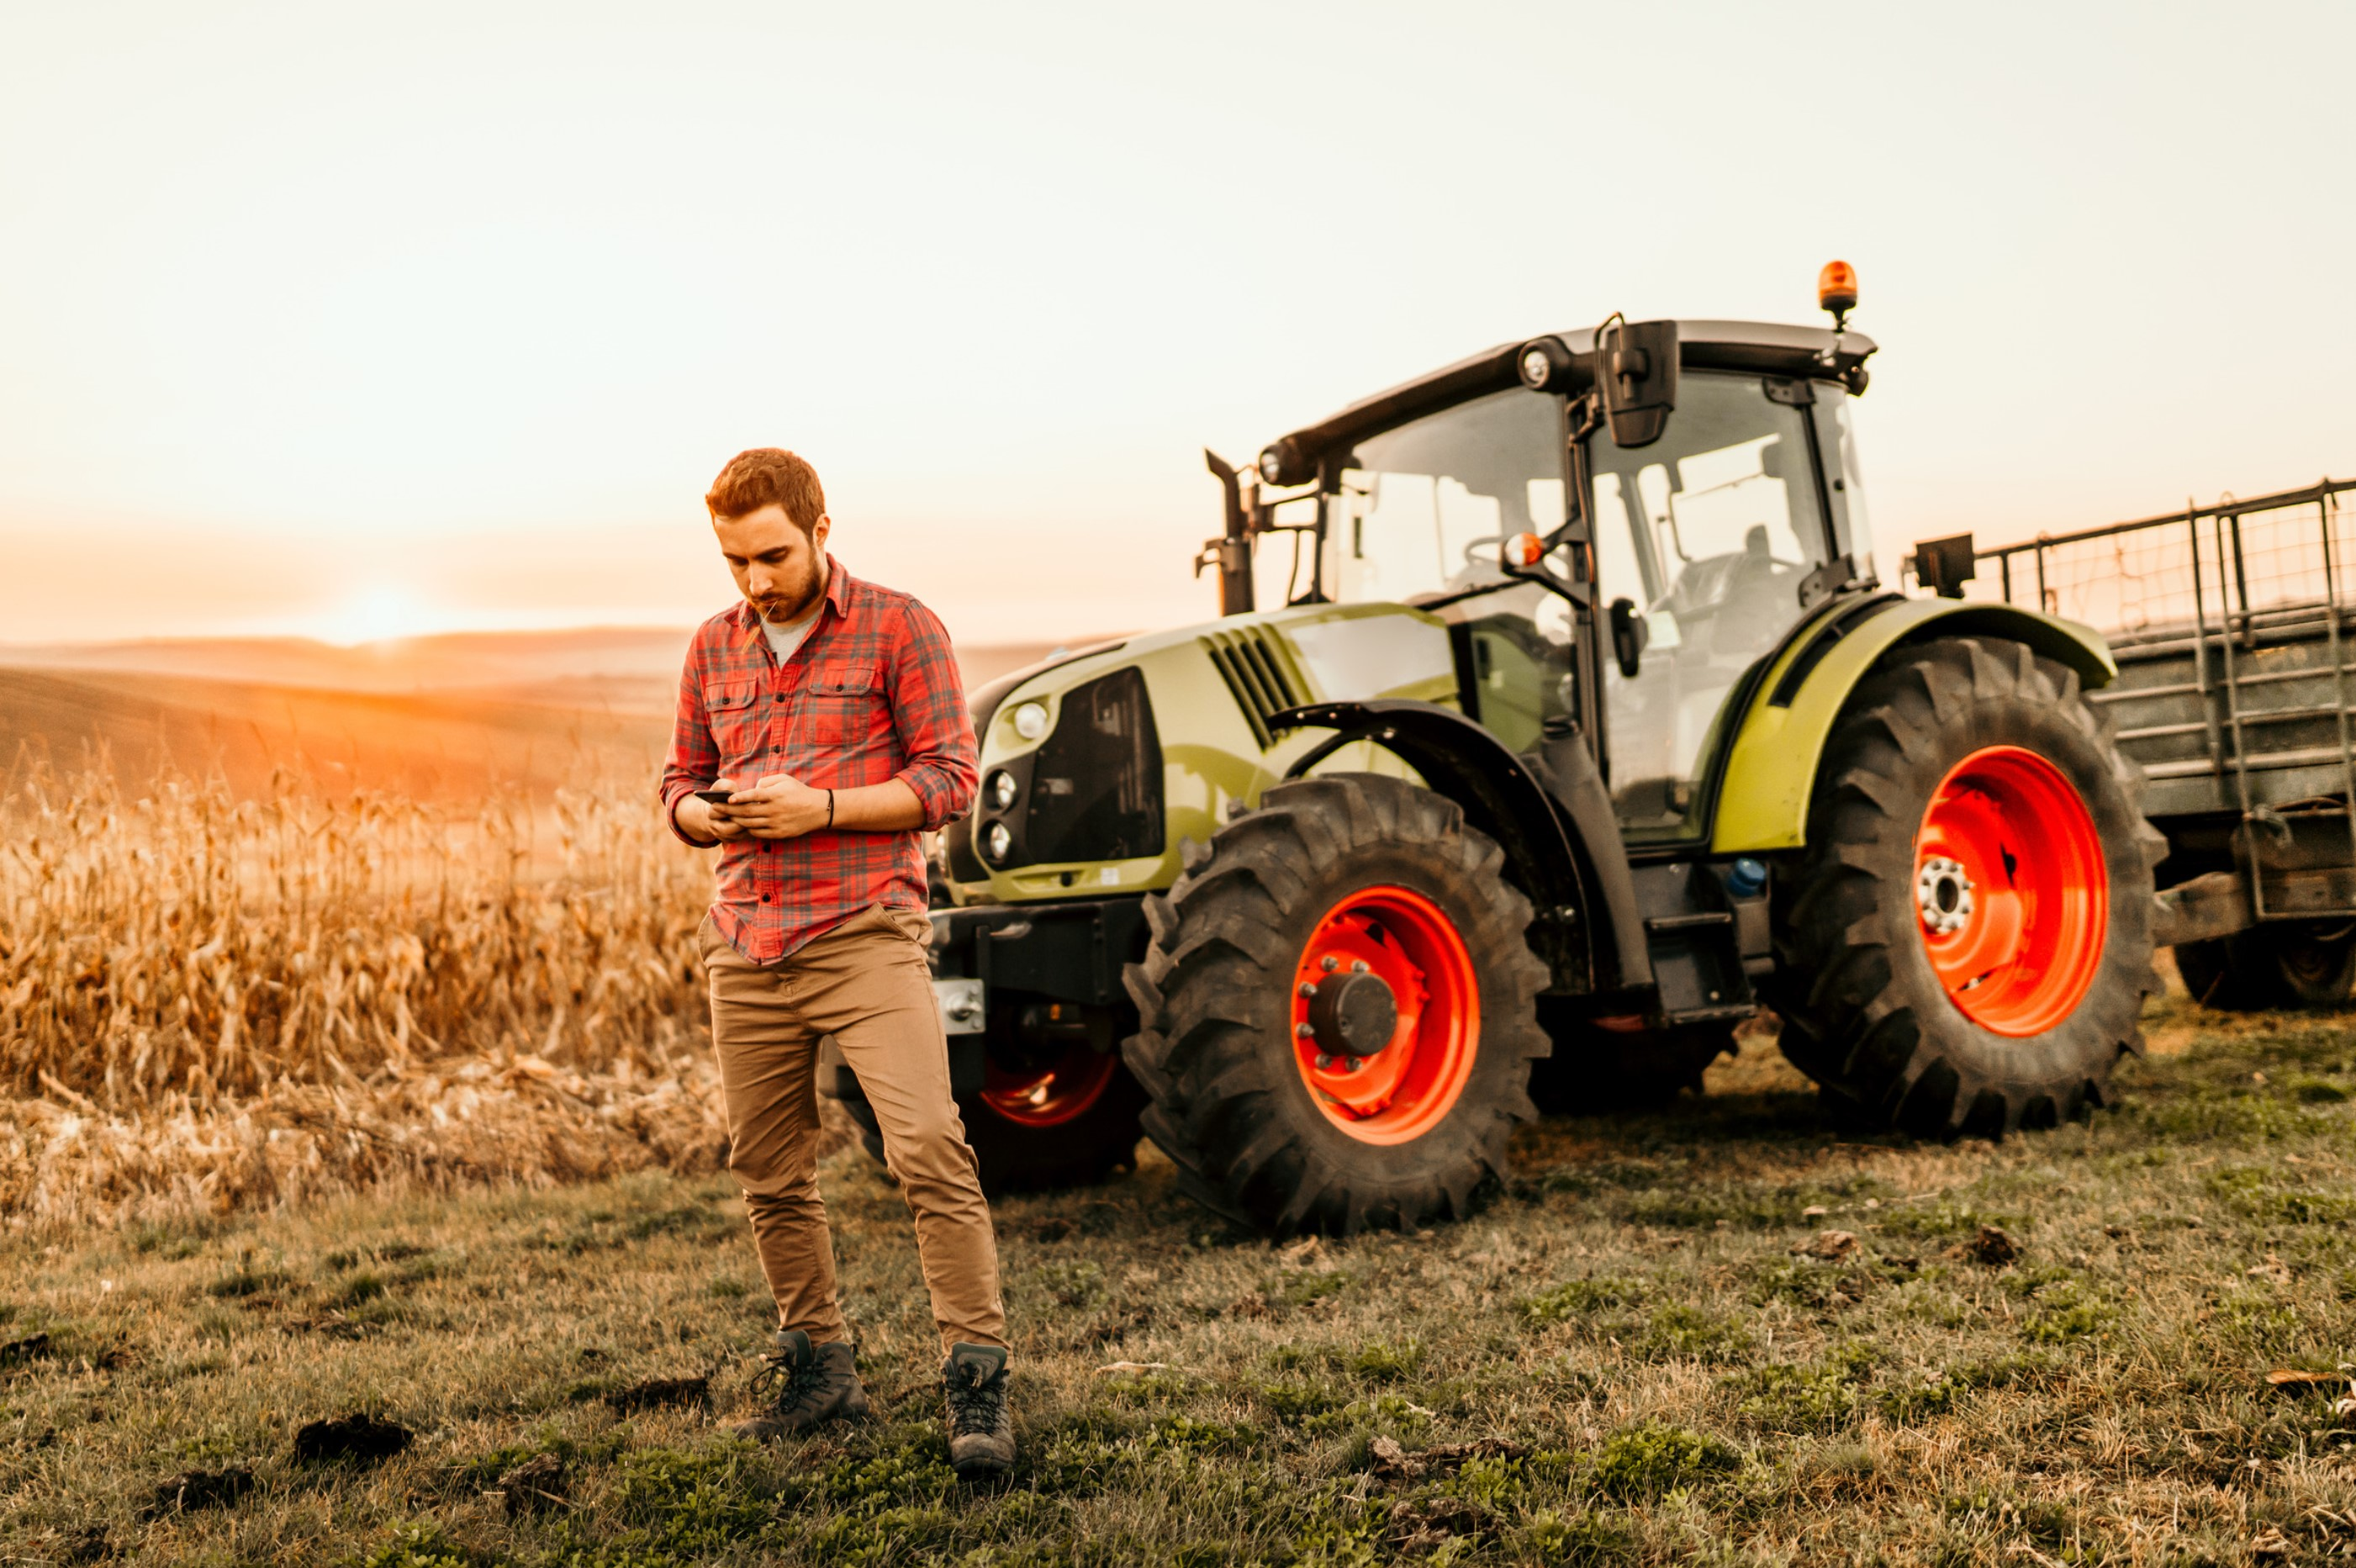 Changement carte grise matériel agricole